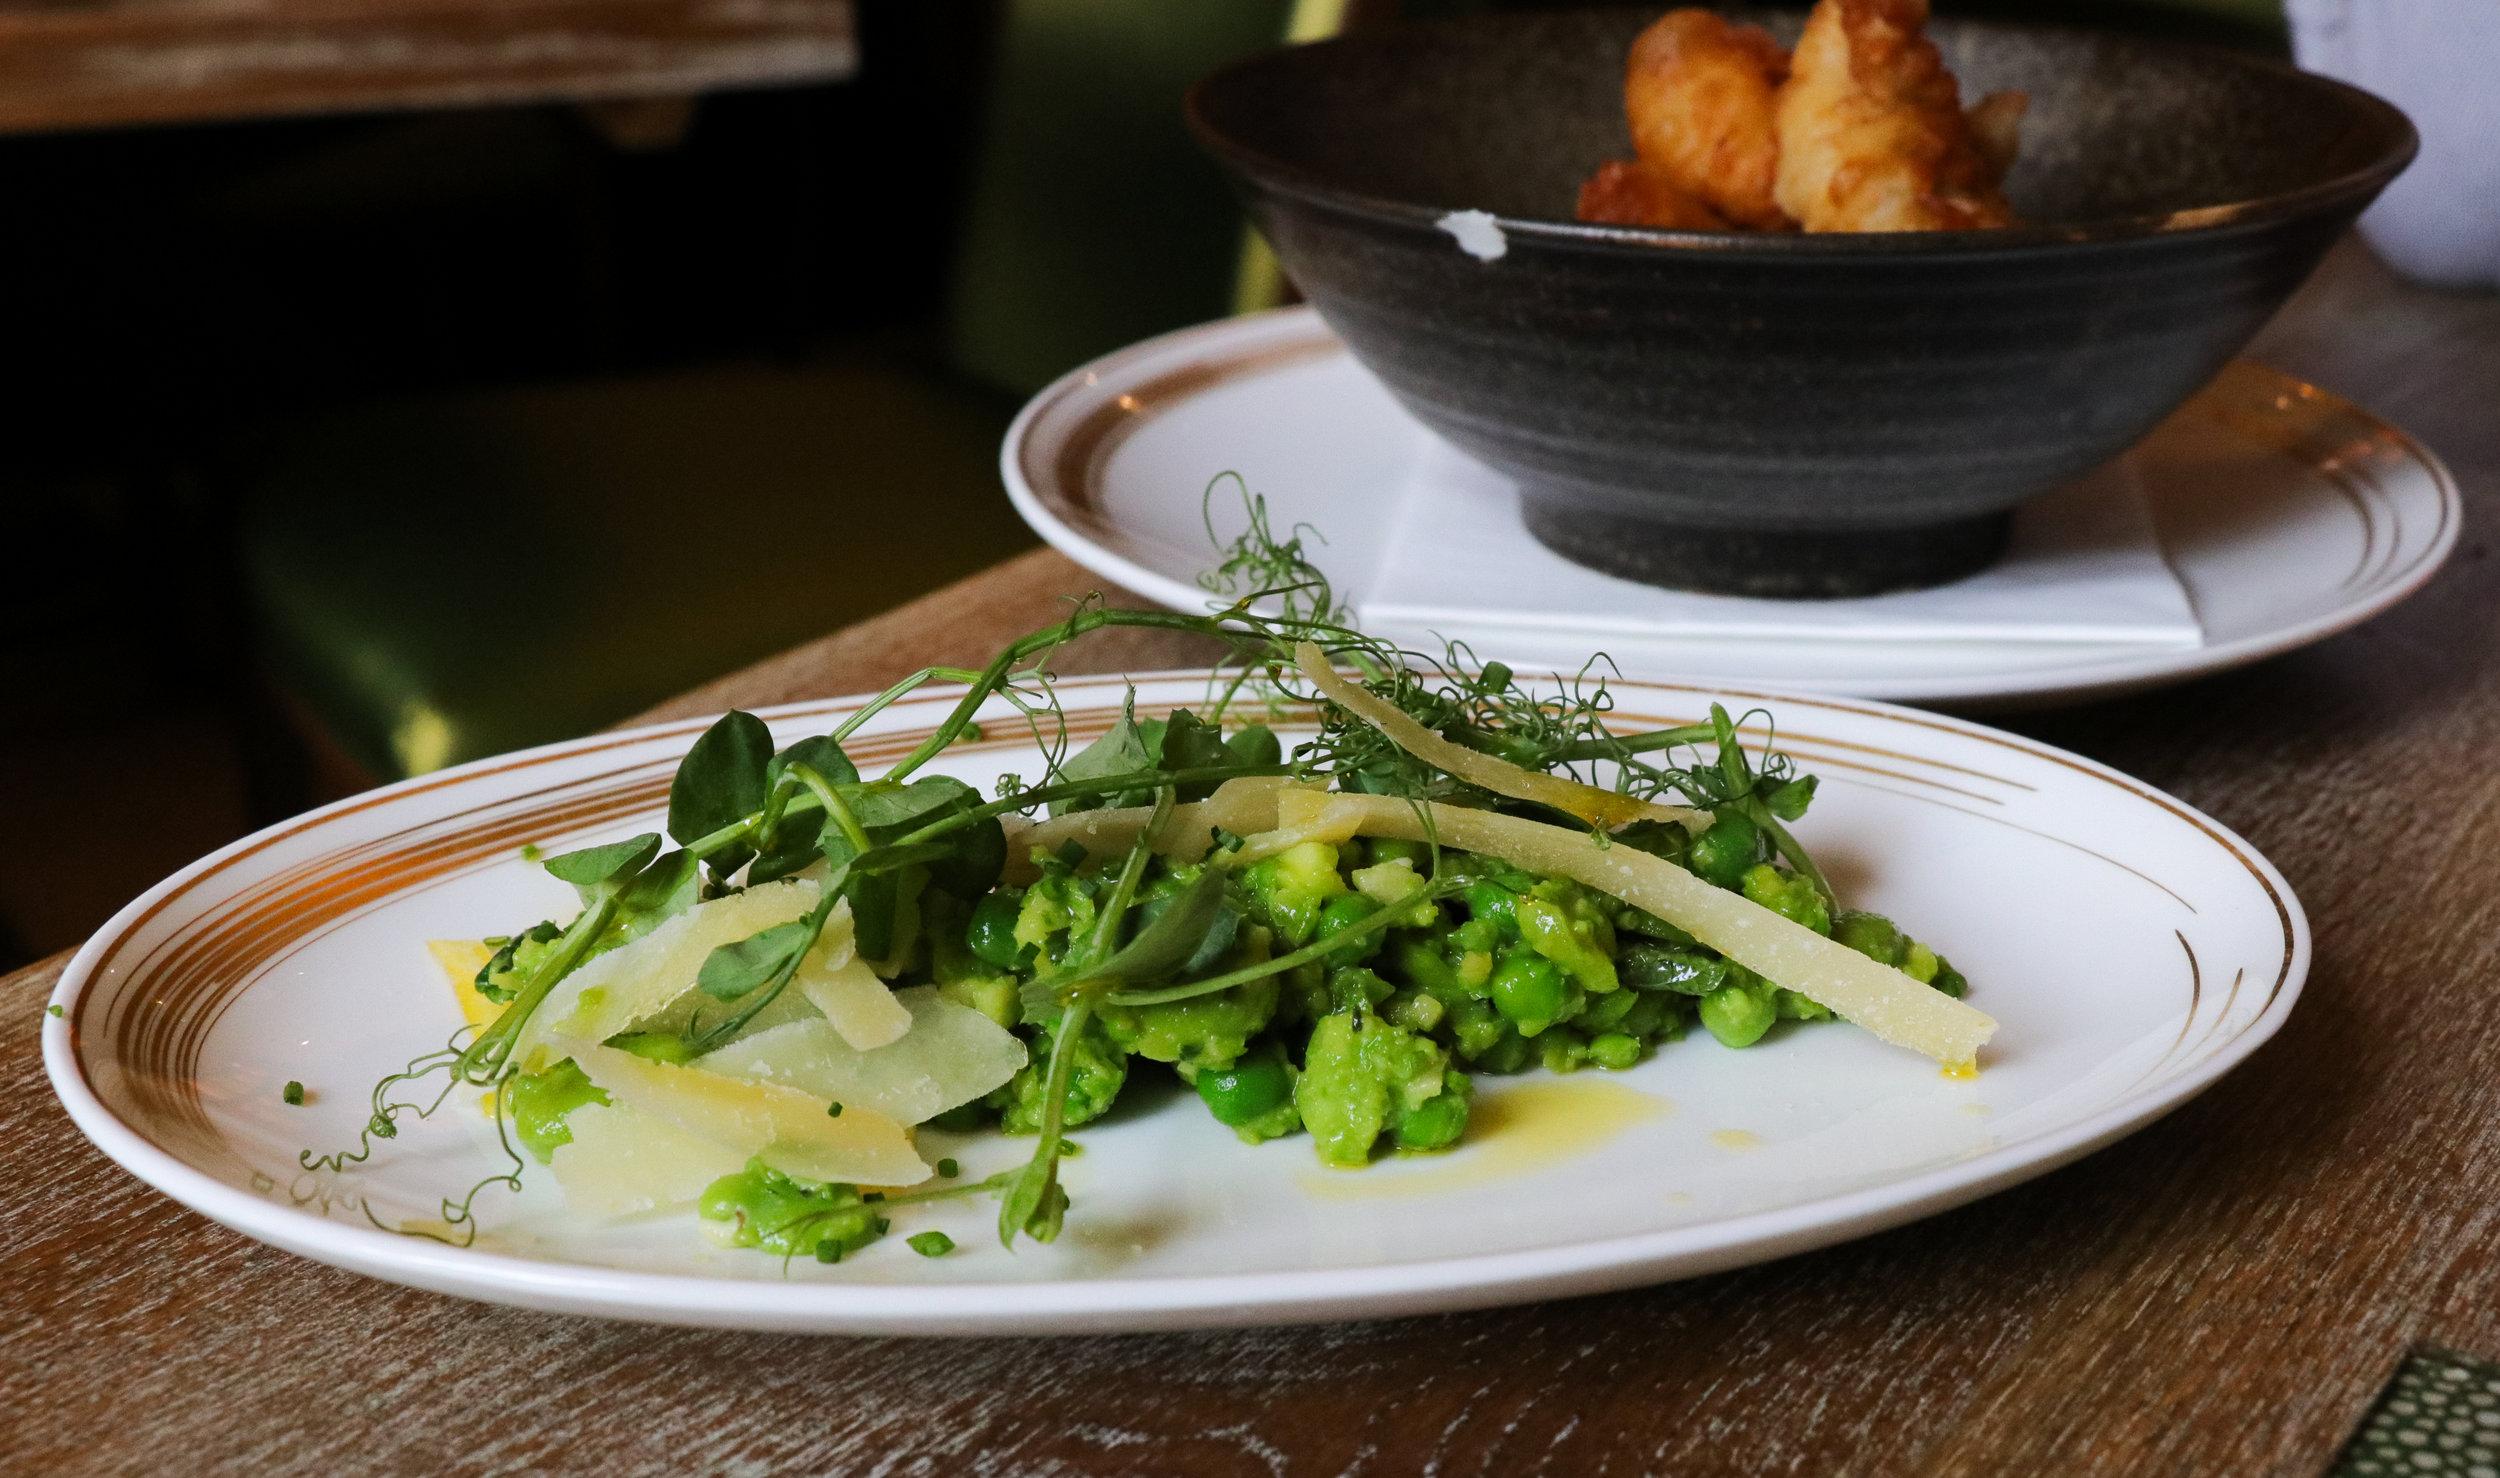 'Broad Bean, Peas and Mint Salad, Old Grenadier Shavings' (£7.50)